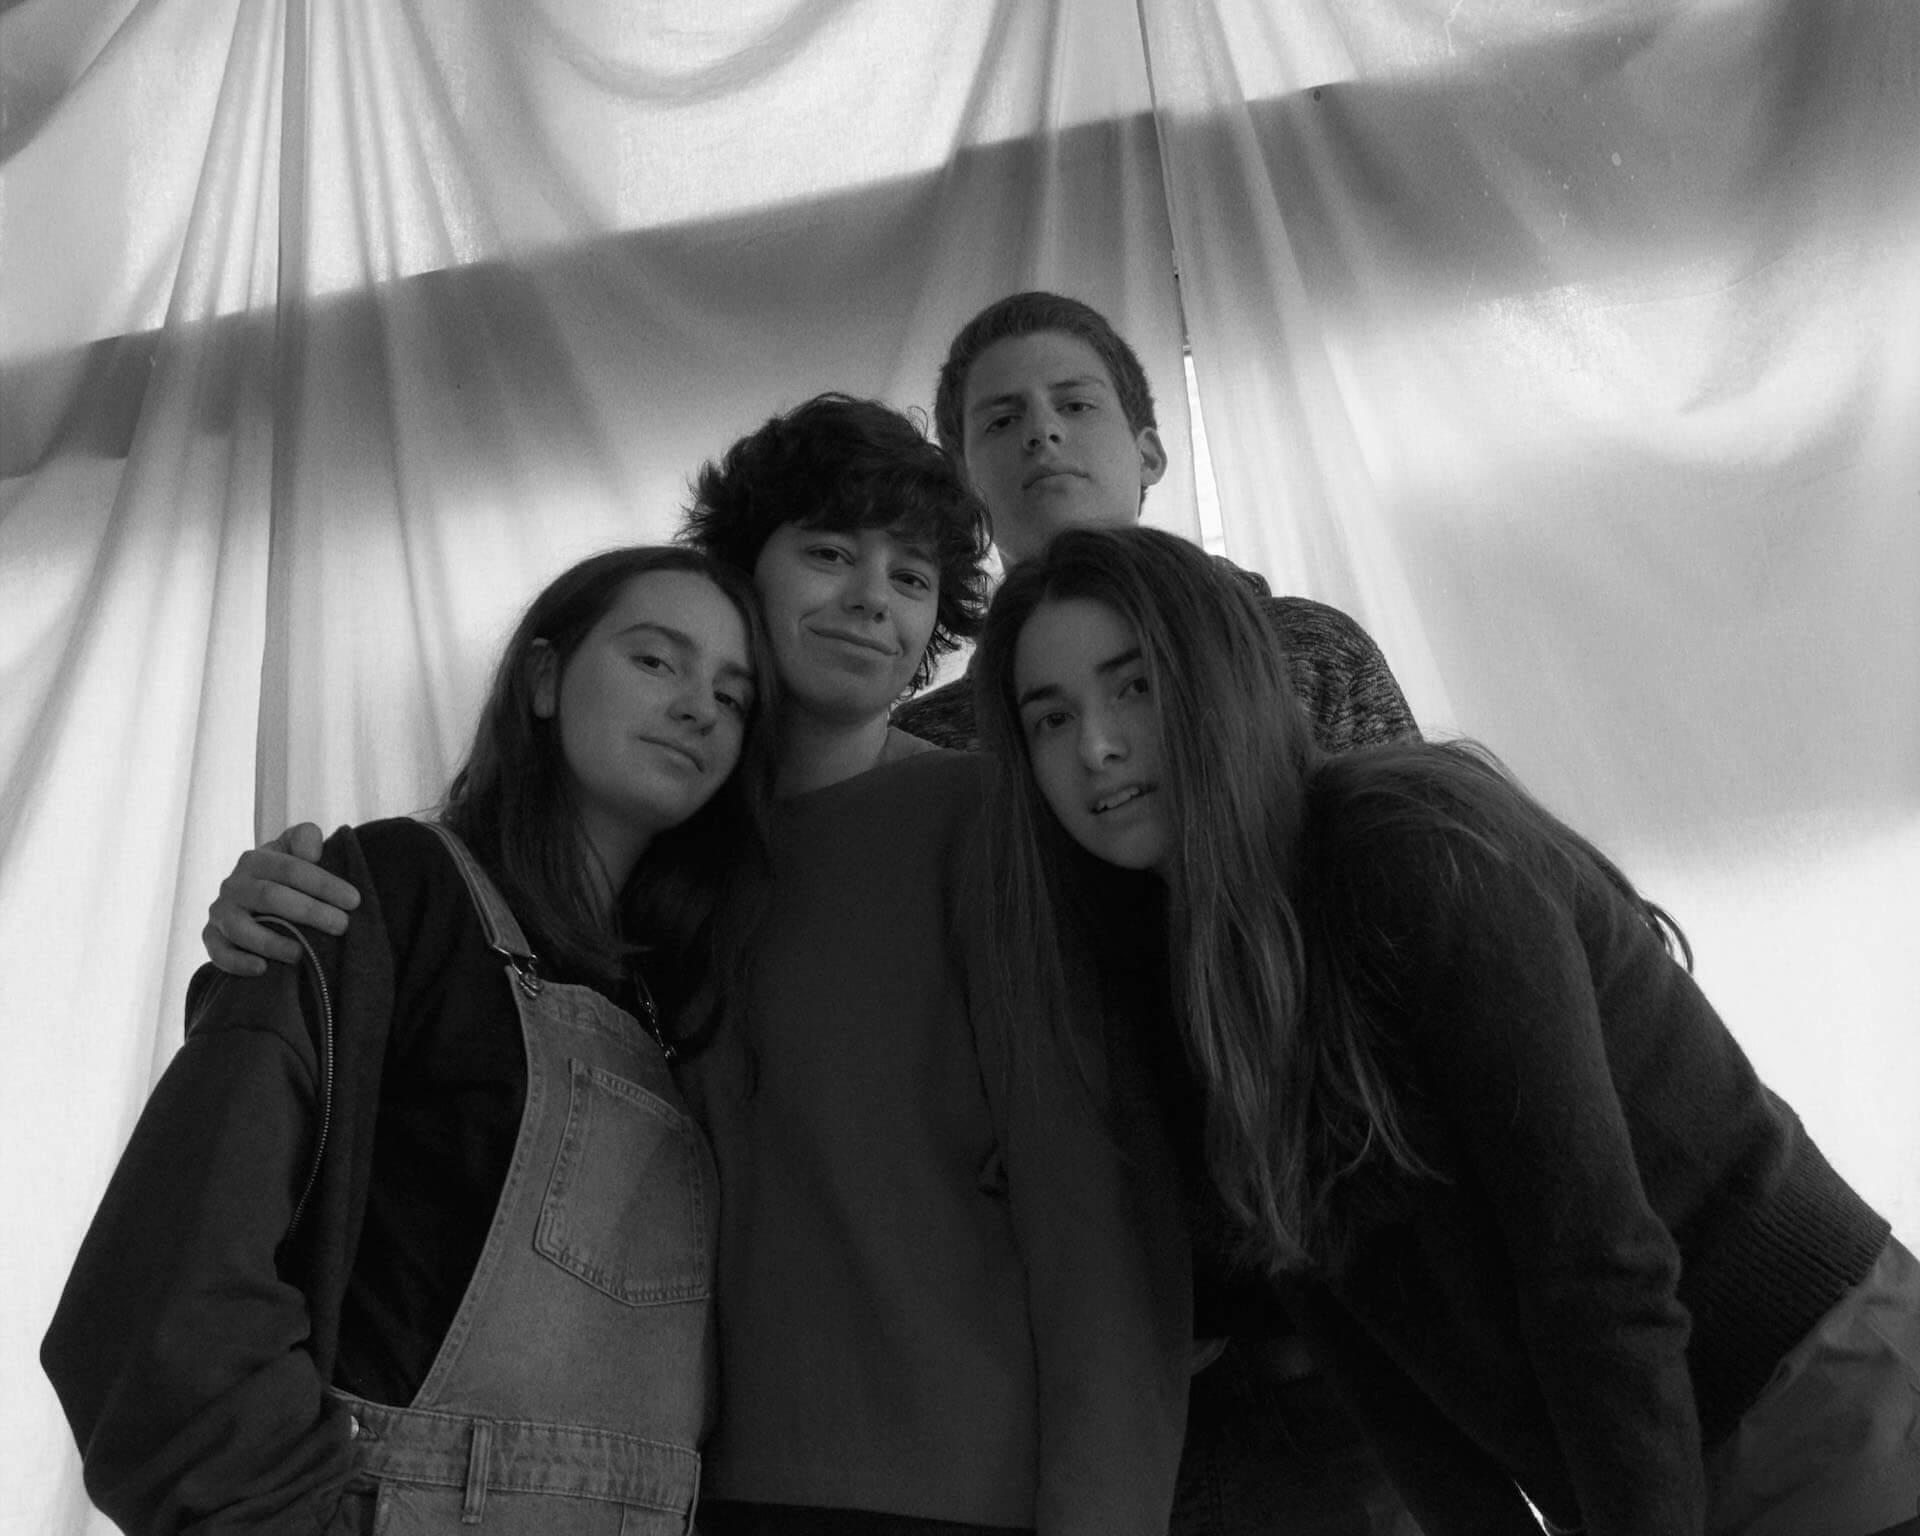 MOURN インタビュー|進化し続けるバルセロナの若き才能、感性と葛藤を紐解く interview190417-mourn-1